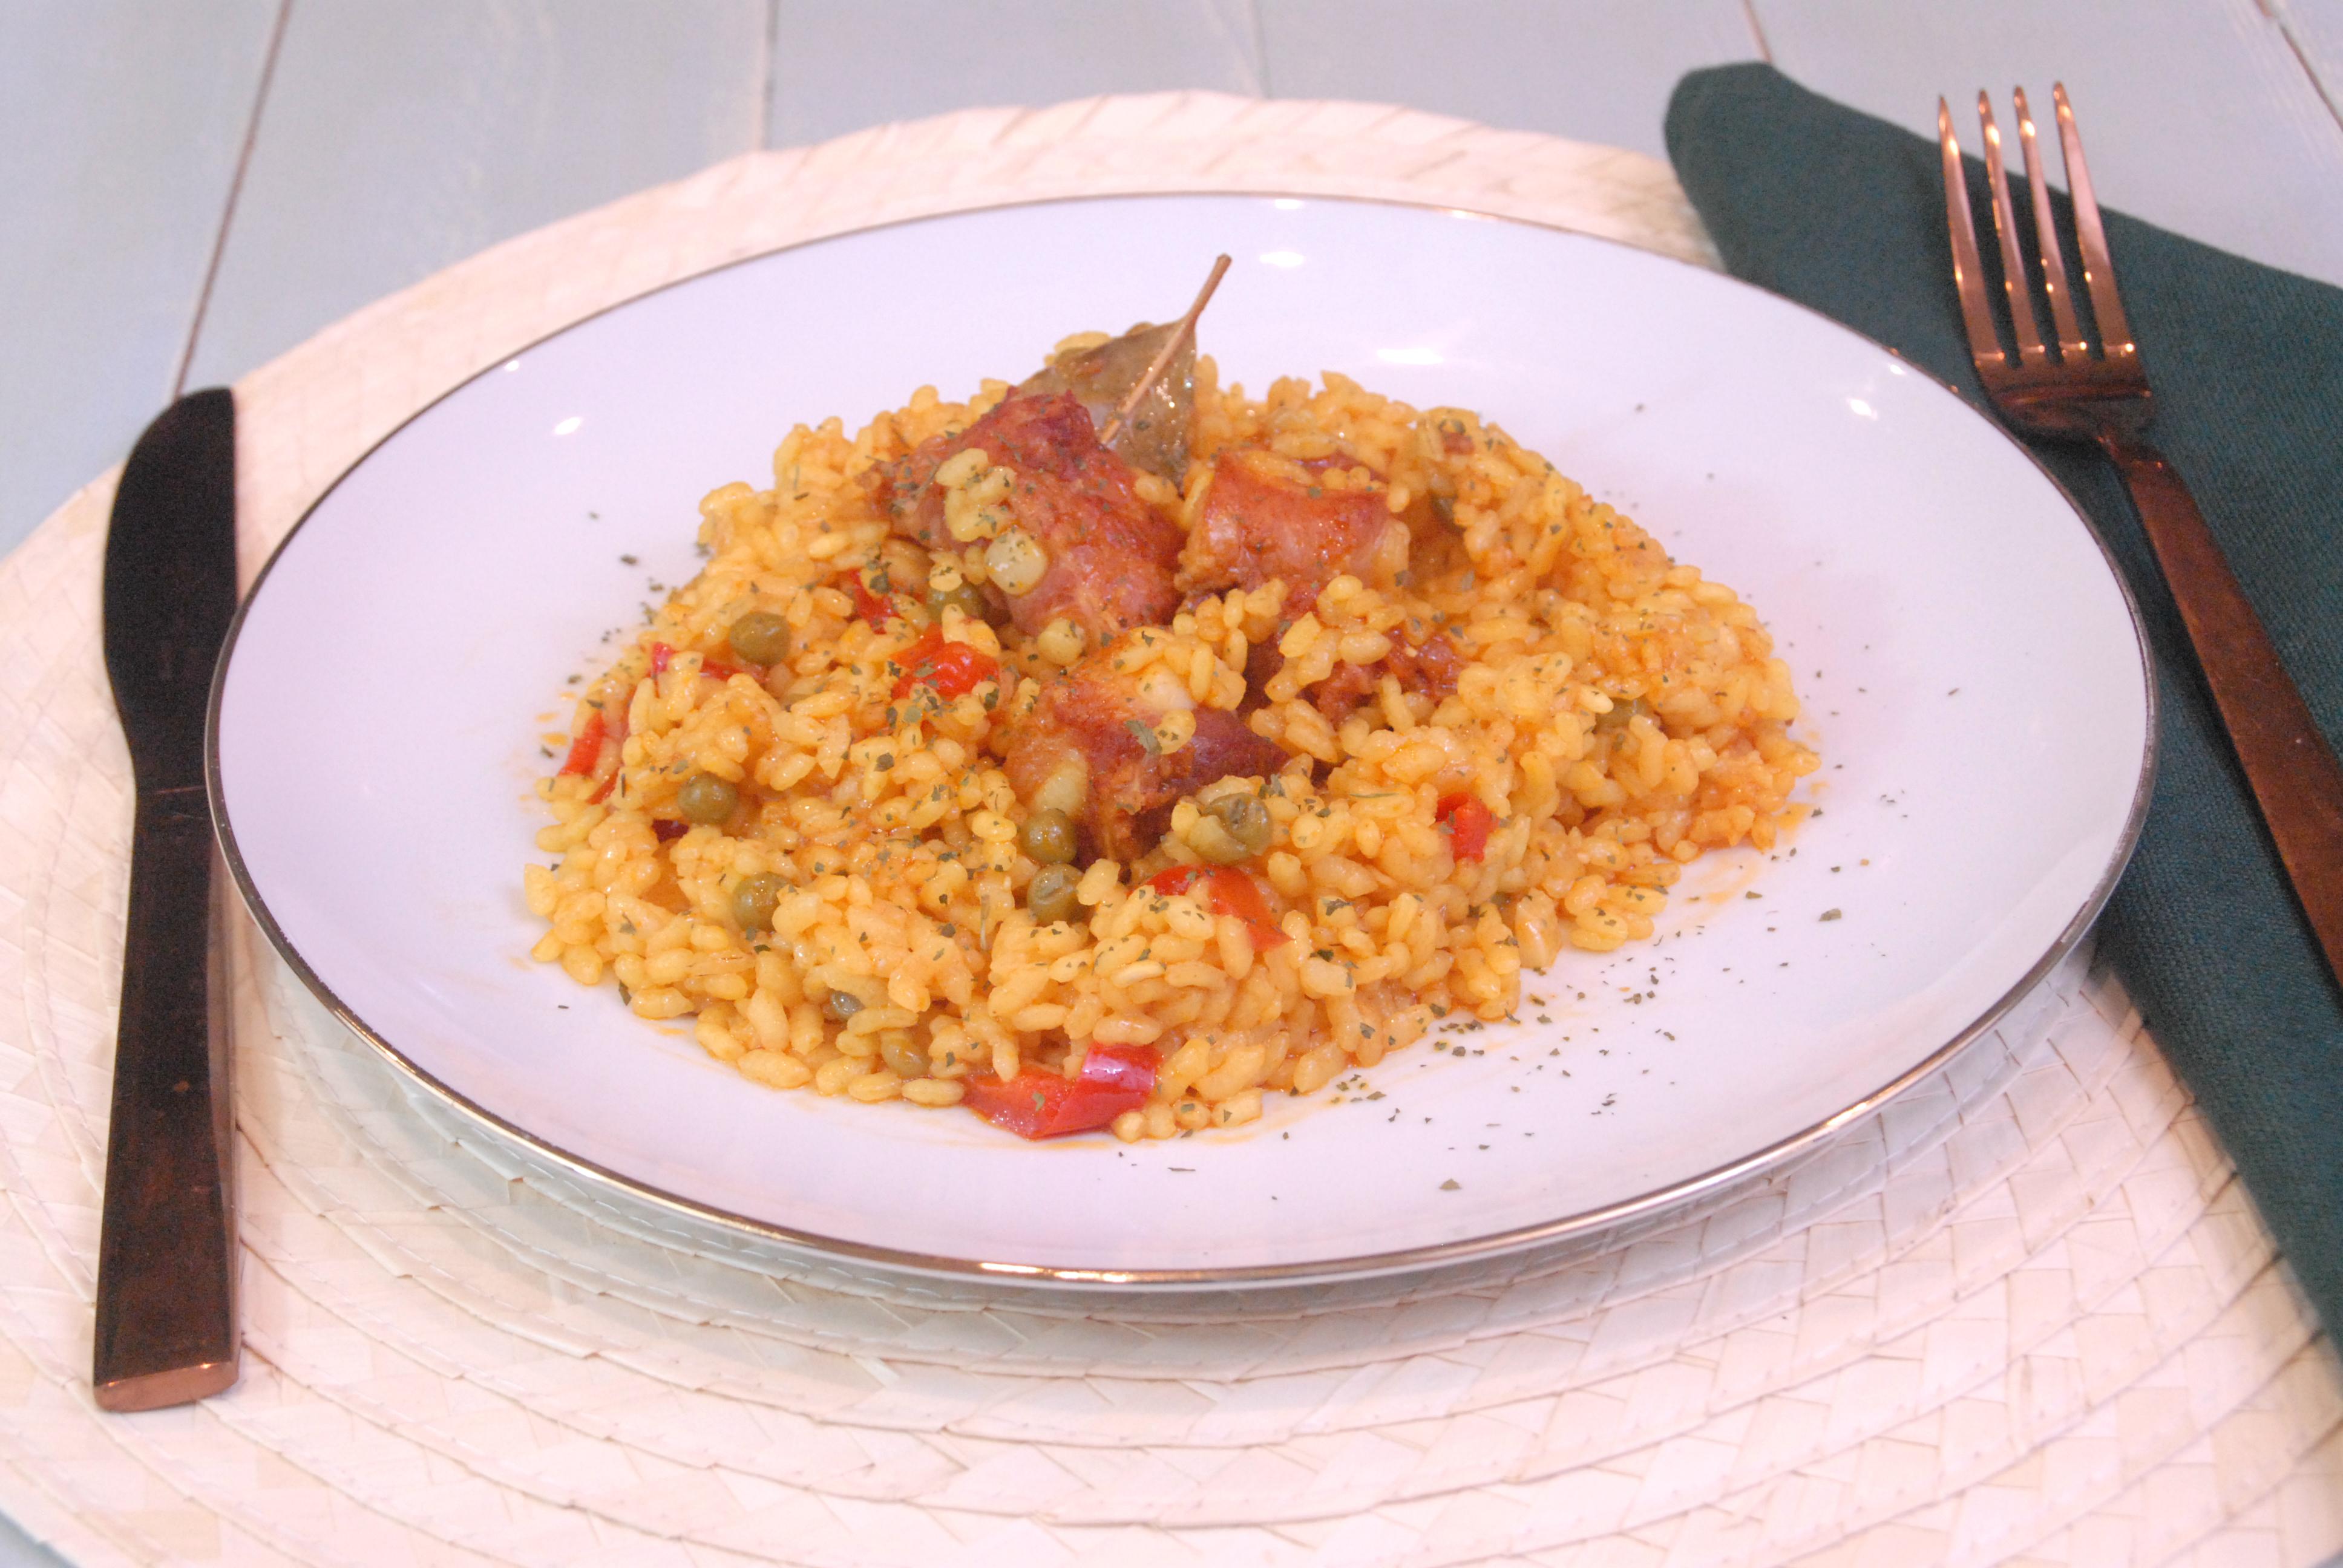 Receta de arroz con costillas de cerdo